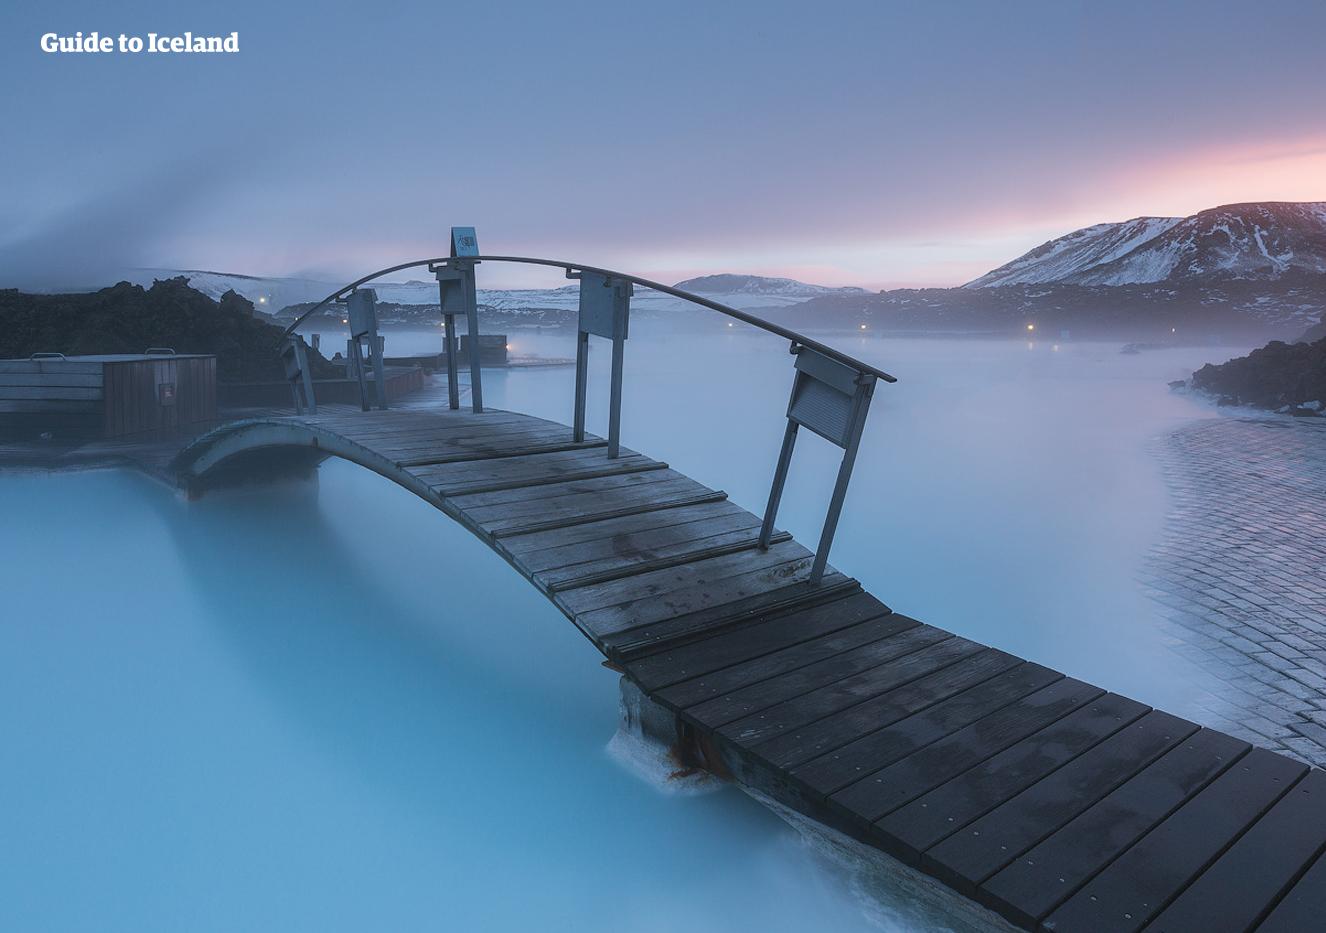 Før du flyr hjem eller drar til et annet reisemål, er spaet Den blå lagune på Reykjanes en fin mulighet til å lade opp.